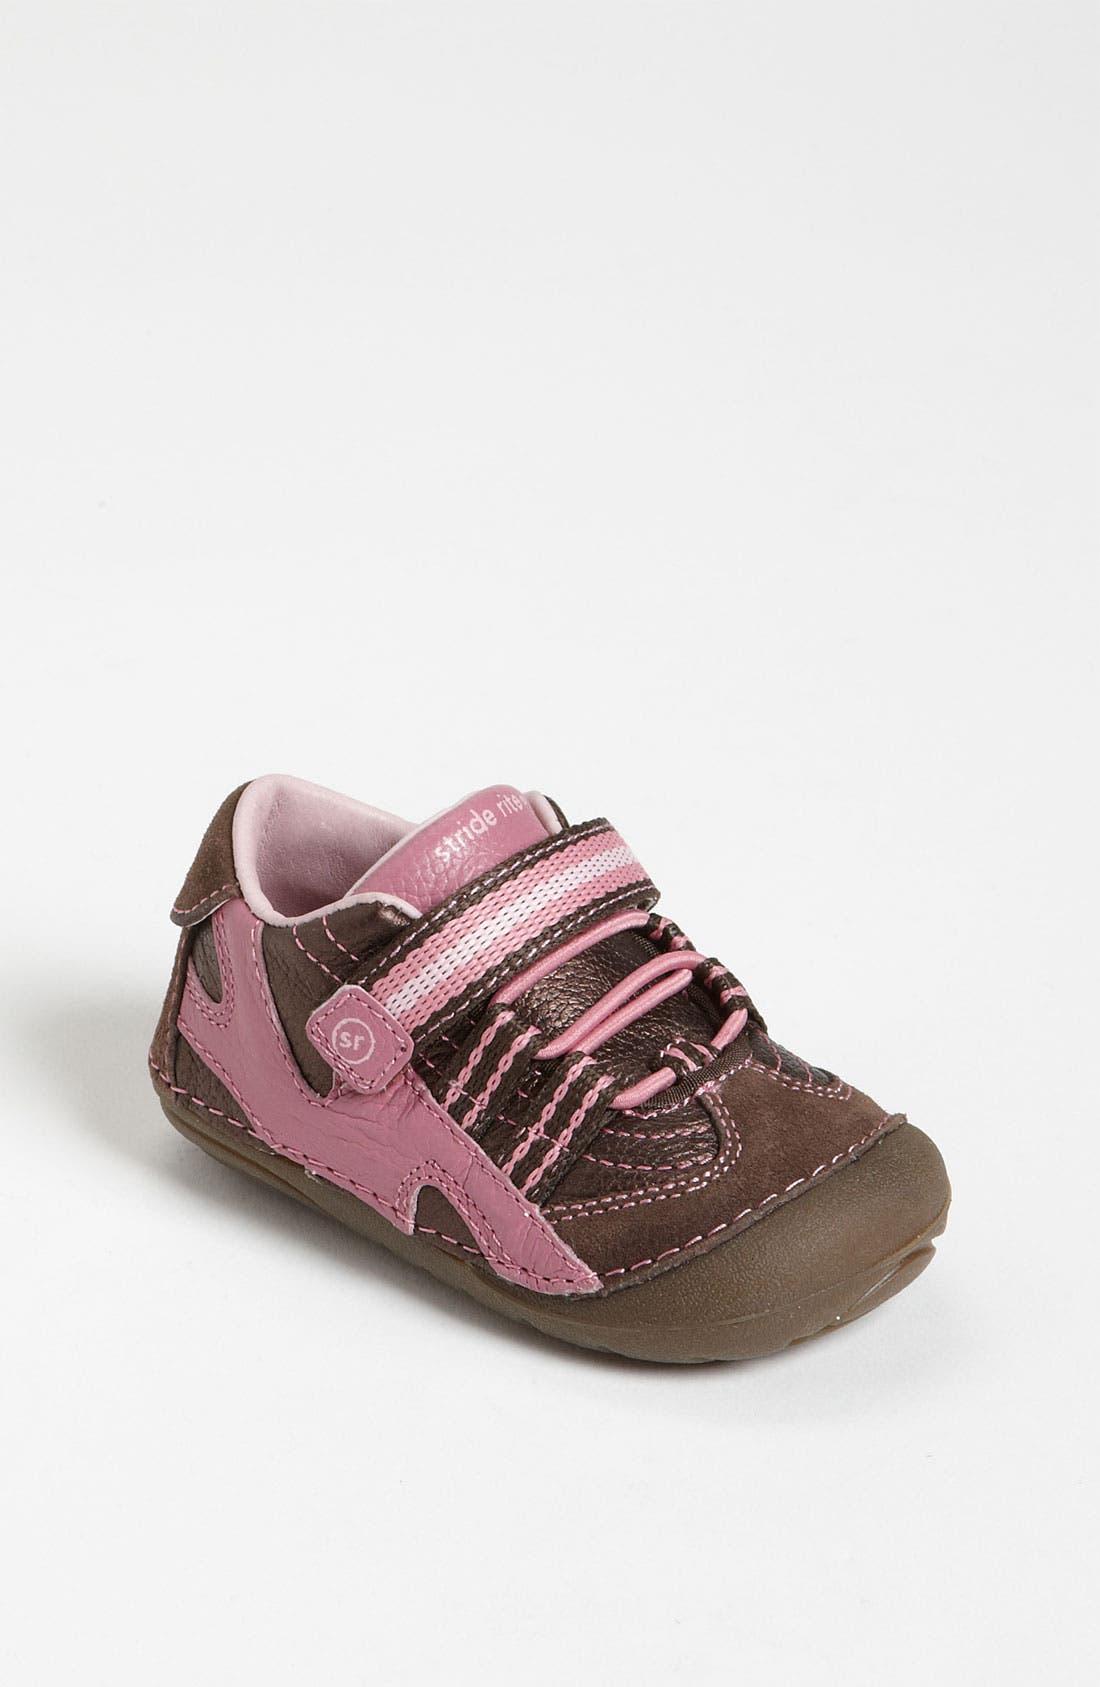 Alternate Image 1 Selected - Stride Rite 'Stephanie' Sneaker (Baby & Walker)